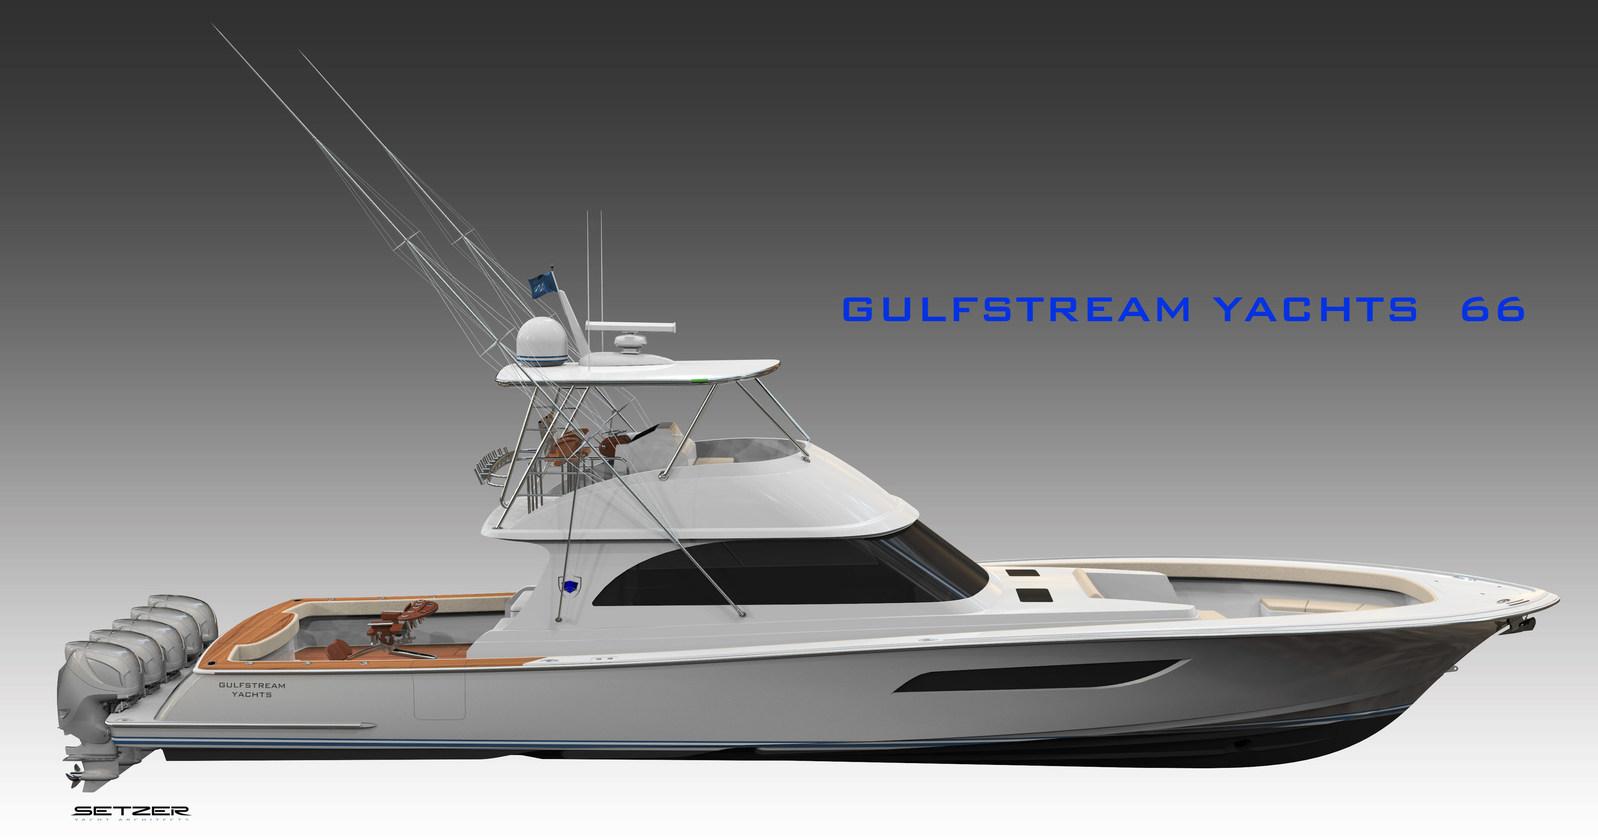 Gulfstream Yachts 66 FlybridgeModel